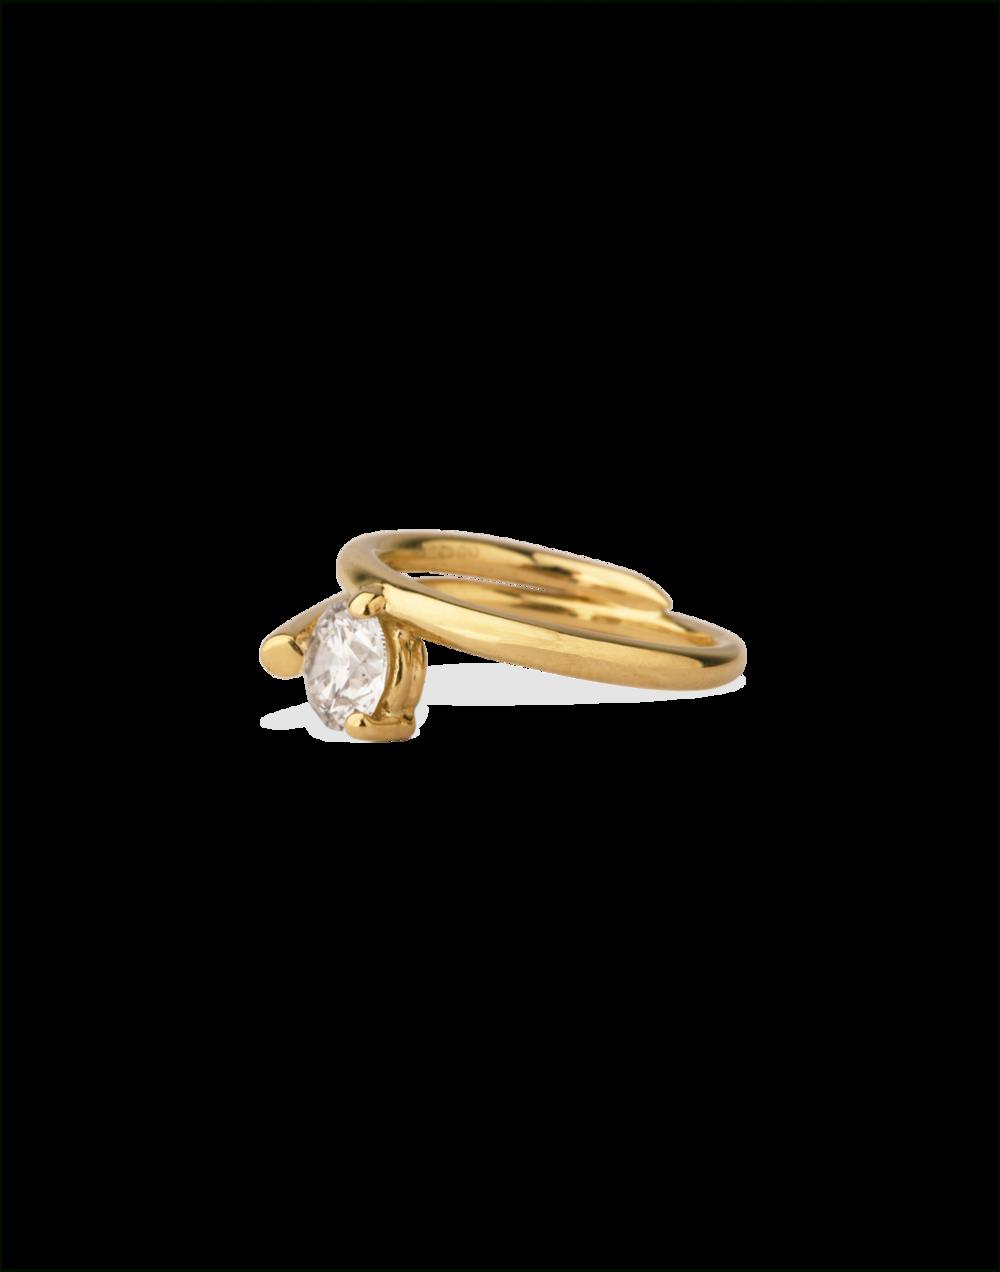 Completedworks-Subverted-Flower-Bridal-Ring-3-1.png